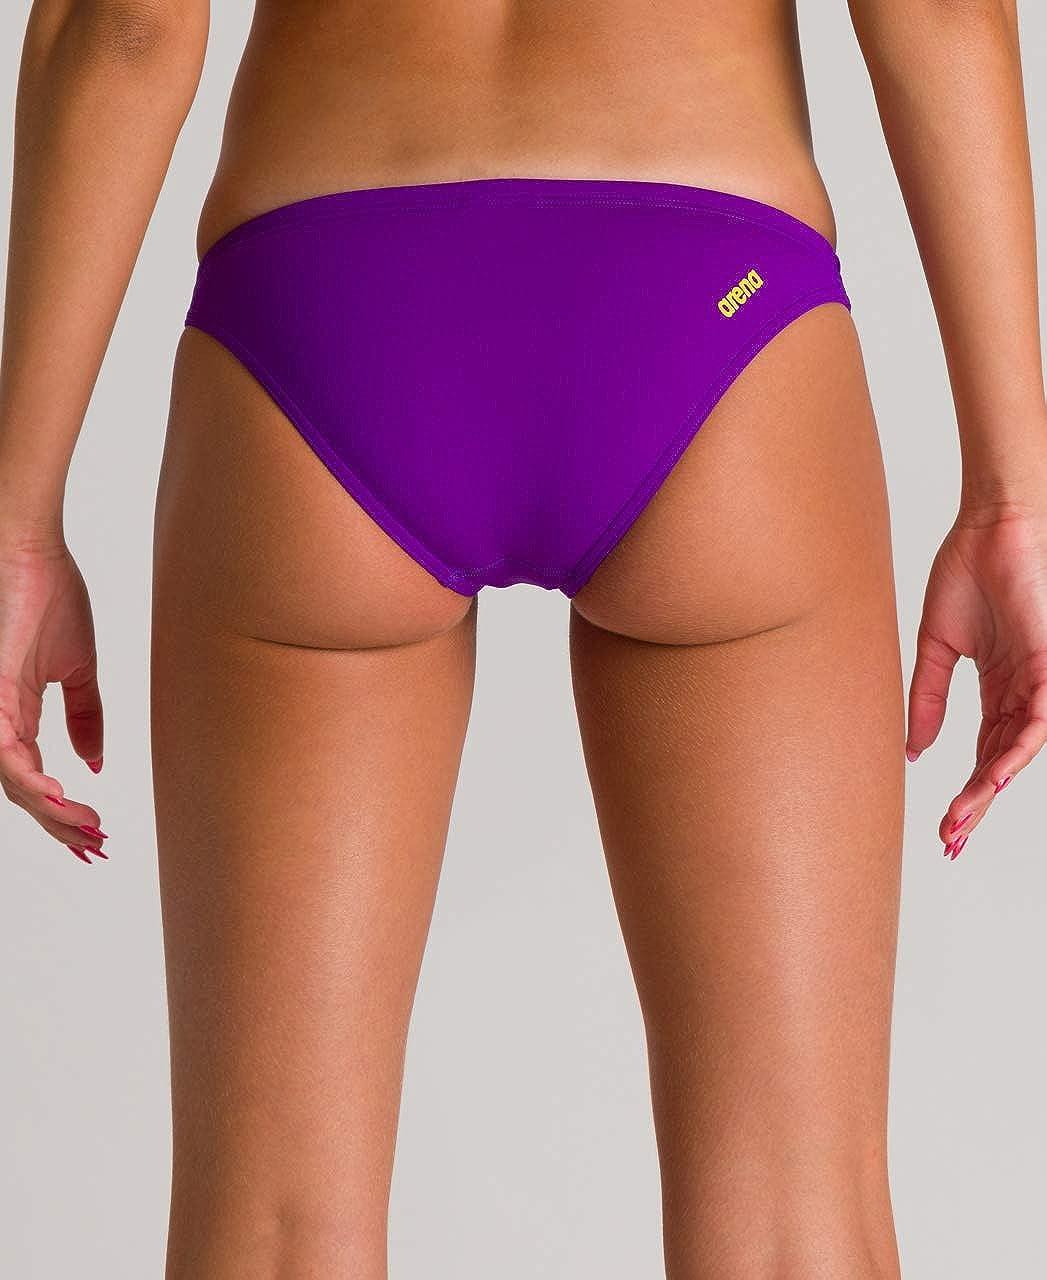 /Formazione Real per athletinnen Bikini Hose Damen Trainings Bikinihose Real f/ür Athletinnen Donna ARENA/